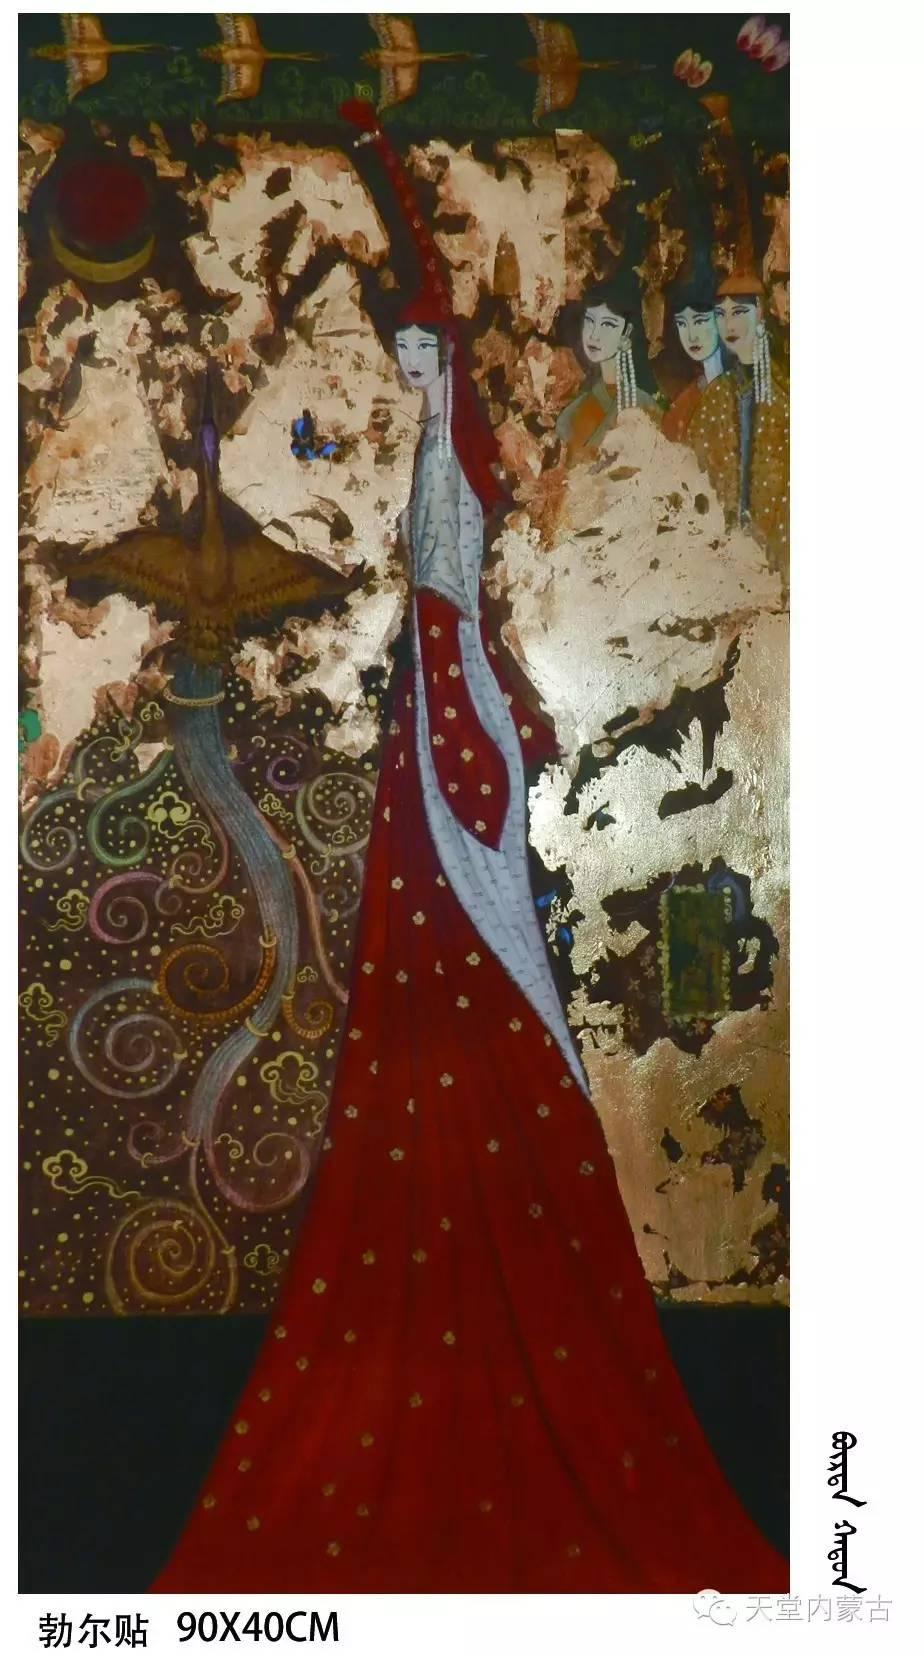 🔴内蒙古蒙古画艺术家乌云额尔德尼《故乡的呼唤》个人艺术展 第14张